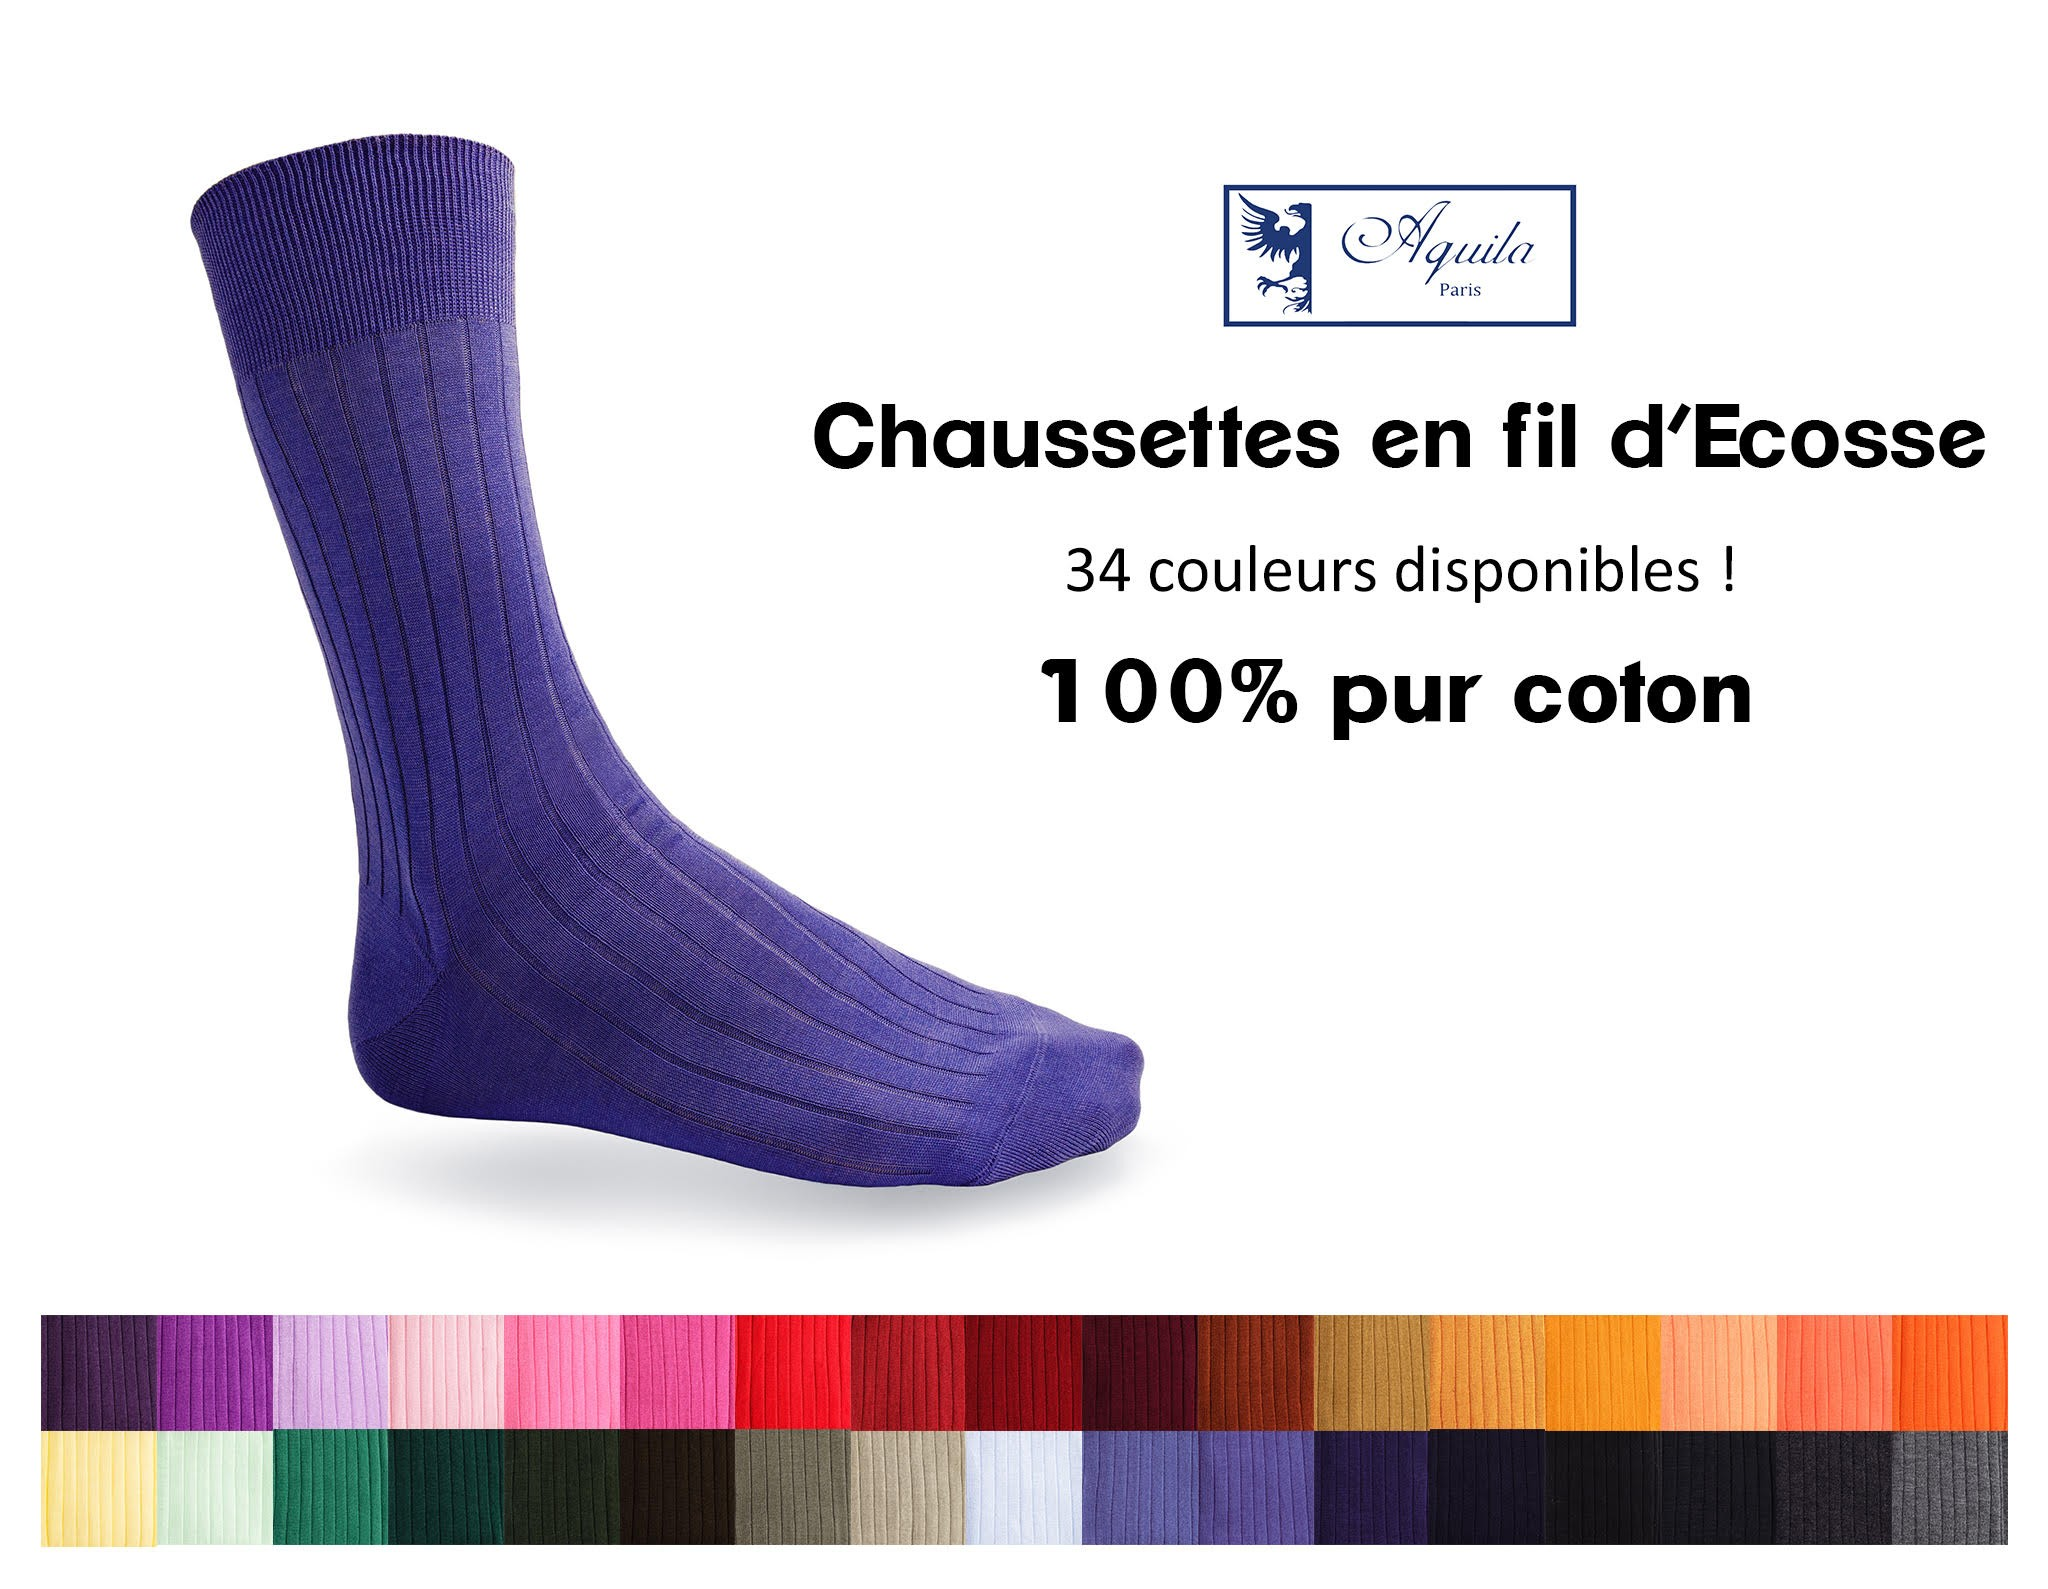 34 Couleurs de chaussettes en fil d'Ecosse disponibles !